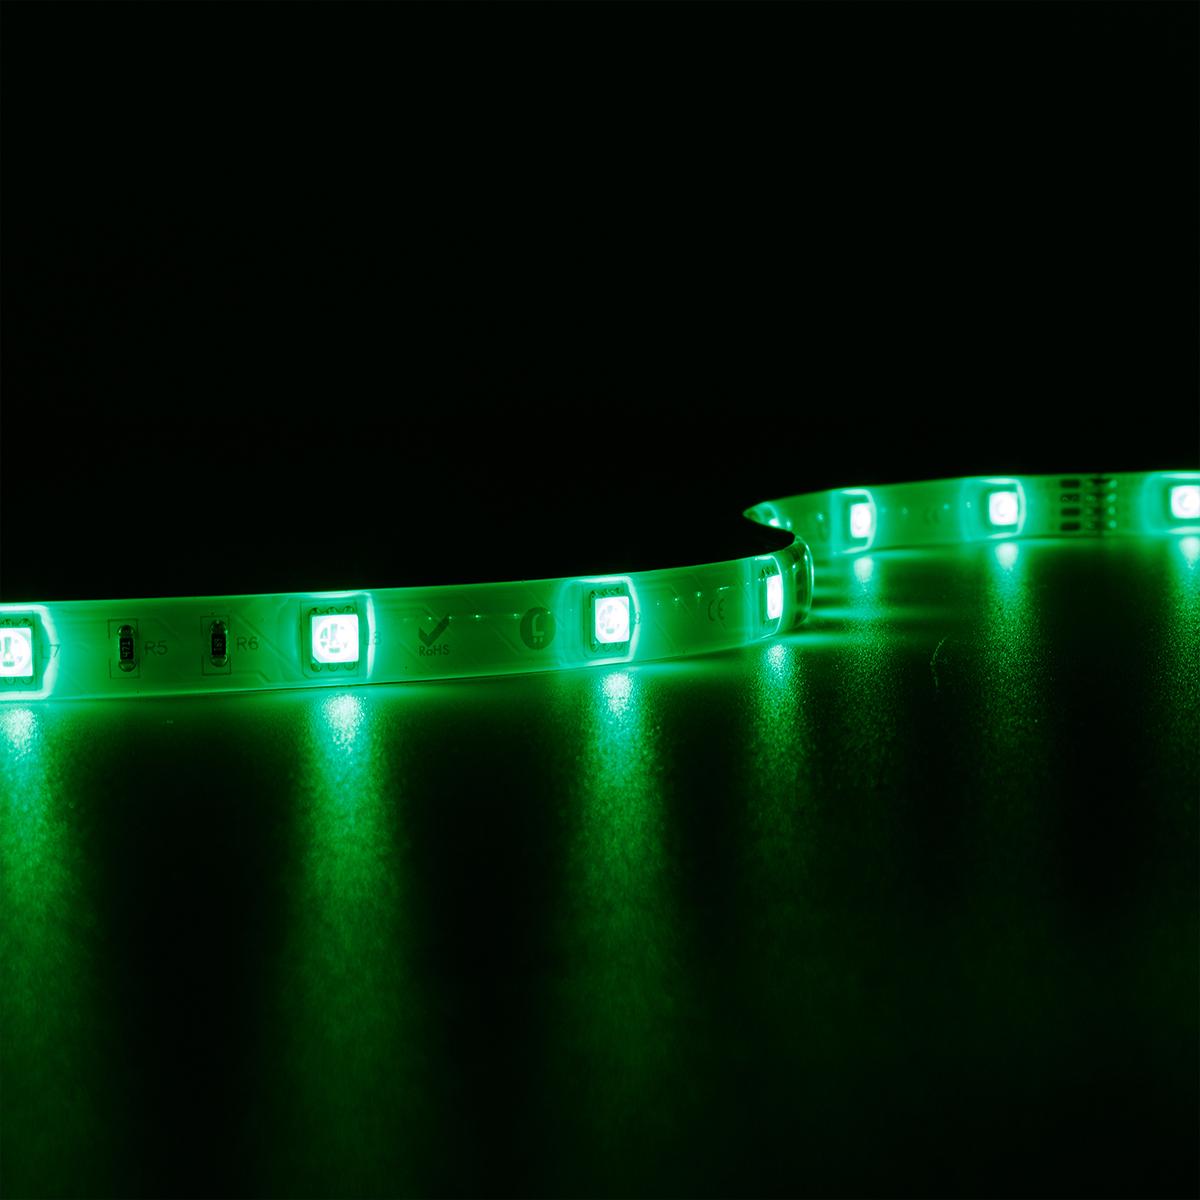 Strip RGB 24V LED Streifen 5M 7,2W/m 30LED/m 10mm IP65 Farbwechsel